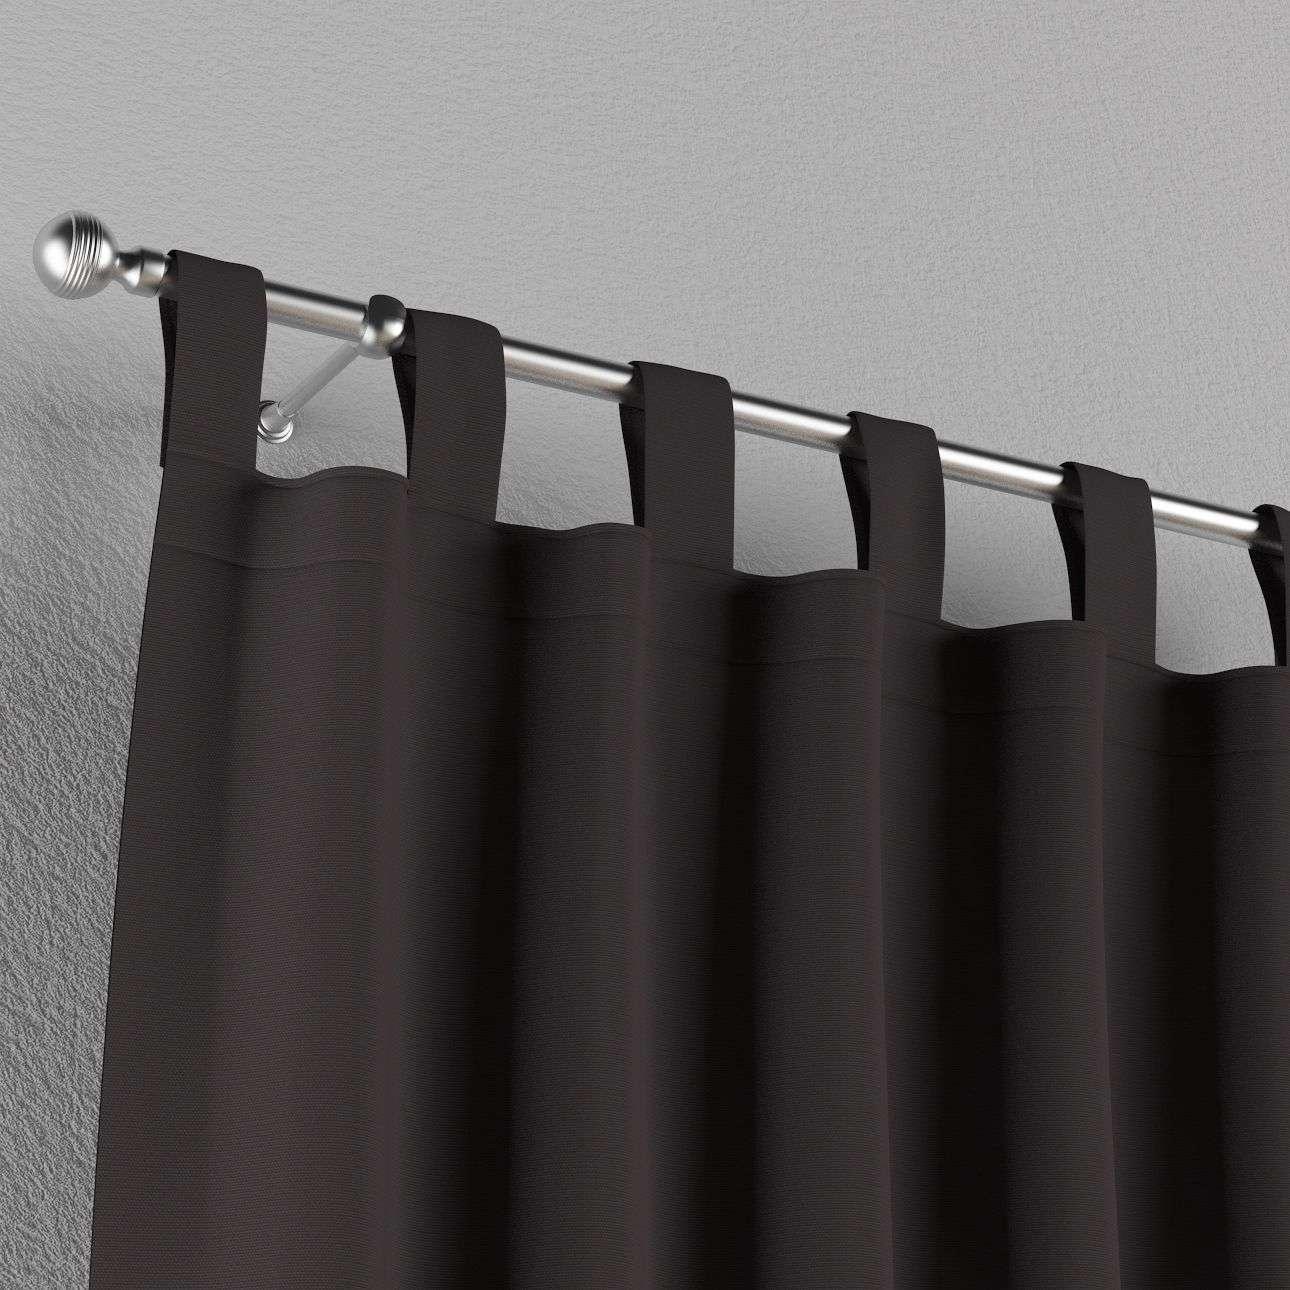 Kilpinio klostavimo užuolaidos 130 x 260 cm (plotis x ilgis) kolekcijoje Cotton Panama, audinys: 702-09